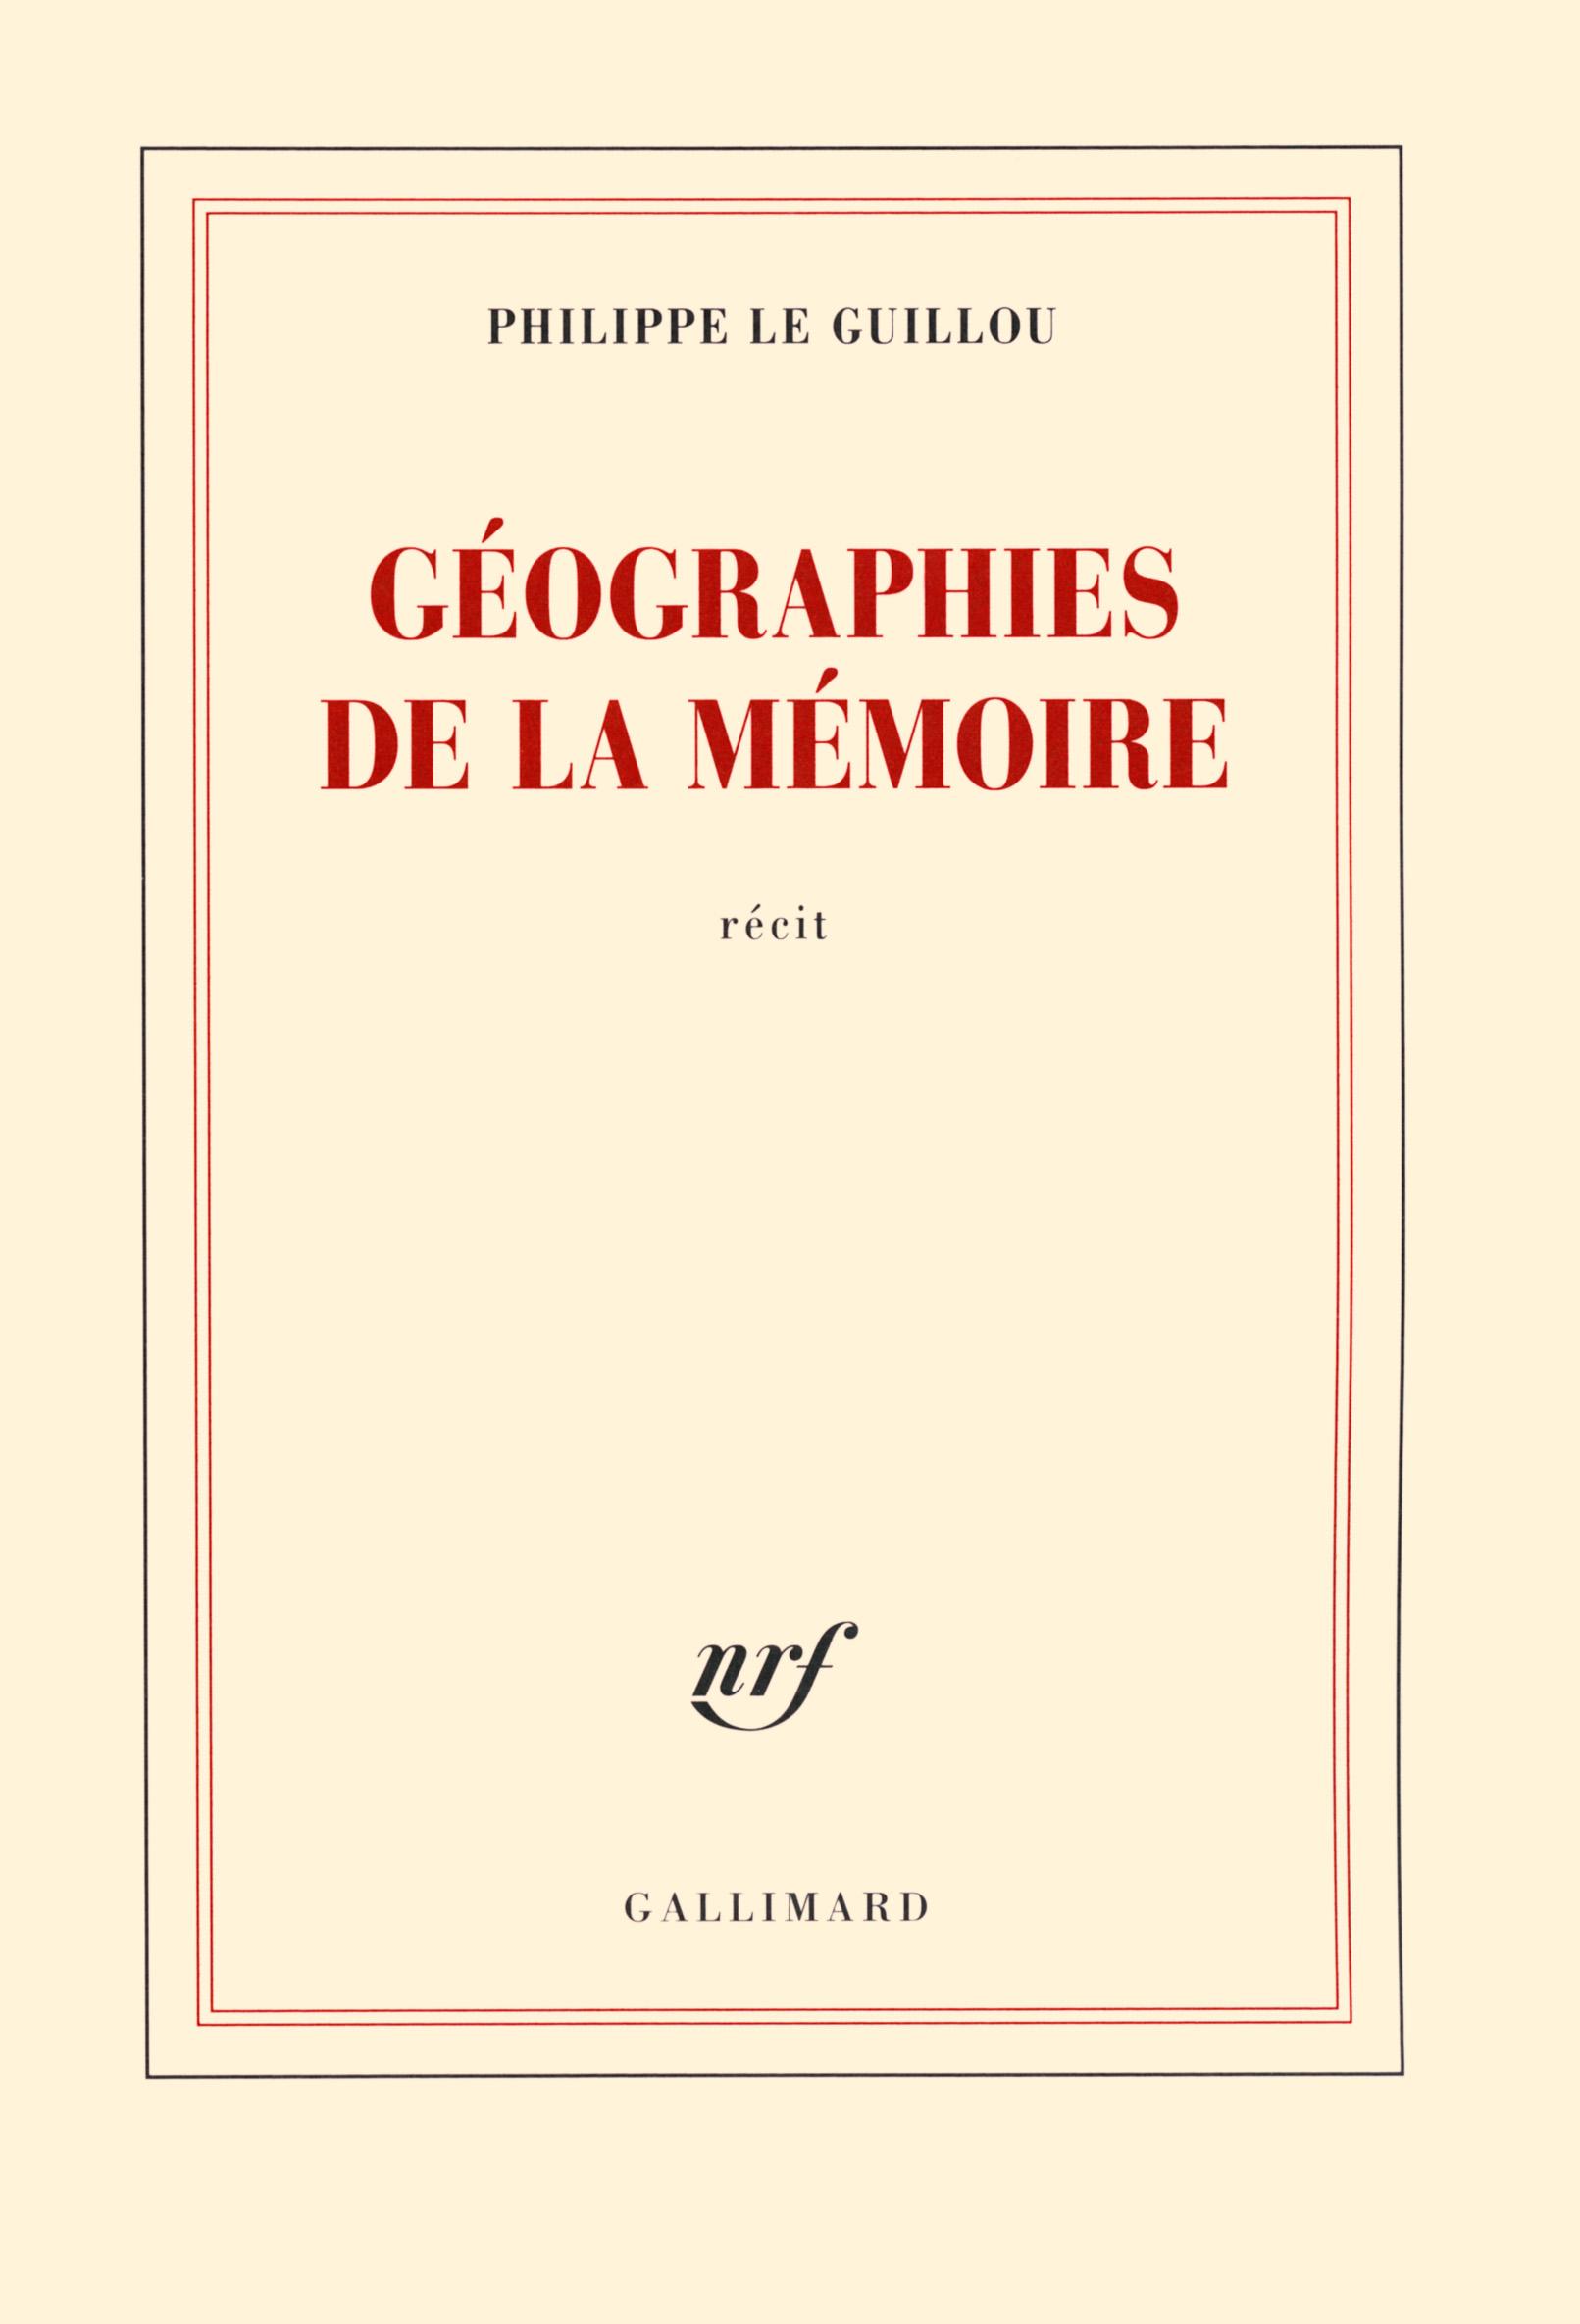 Le Guillou_Géographie de la mémoire